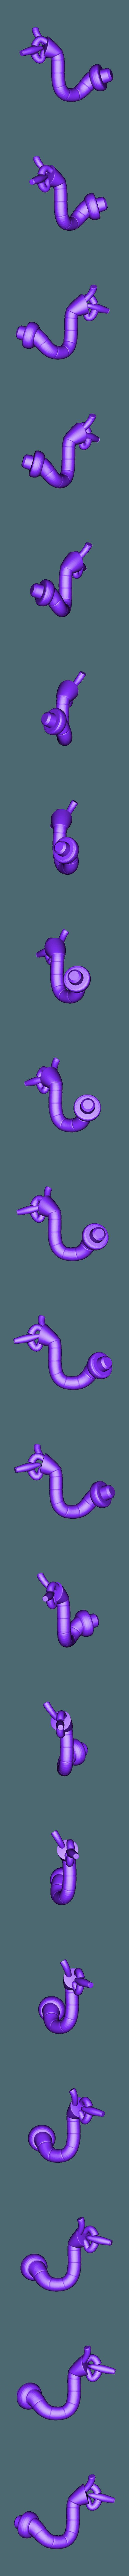 BlenderMANO_PURO.stl Télécharger fichier STL gratuit Bender Futurama • Design pour imprimante 3D, EugenioFructuoso